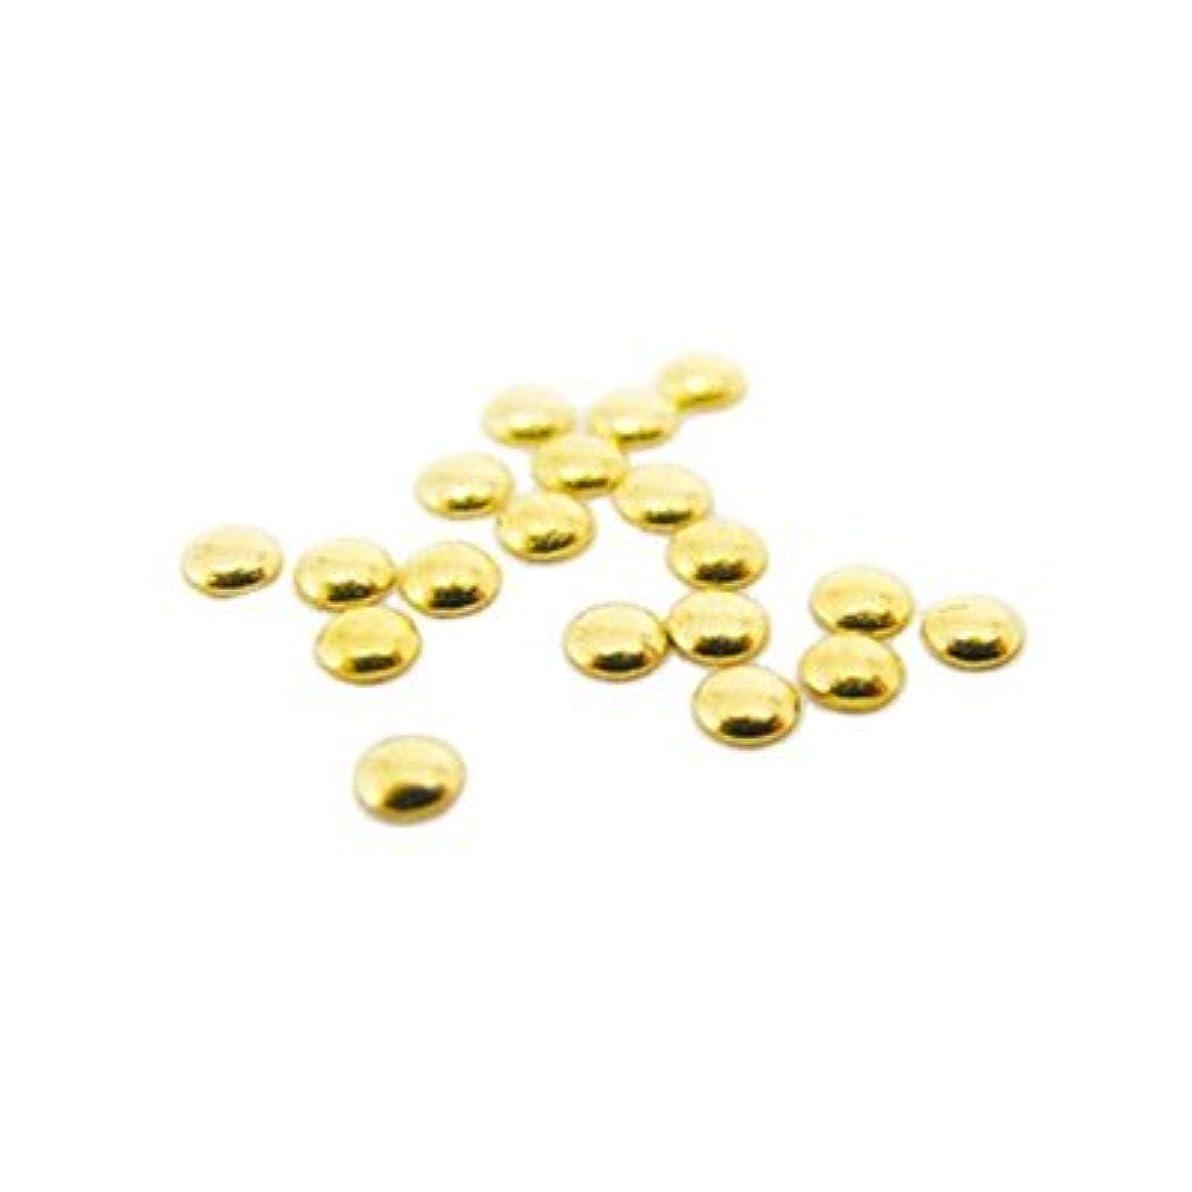 ブラケット協同集団ピアドラ スタッズ 1.5mm 50P ゴールド